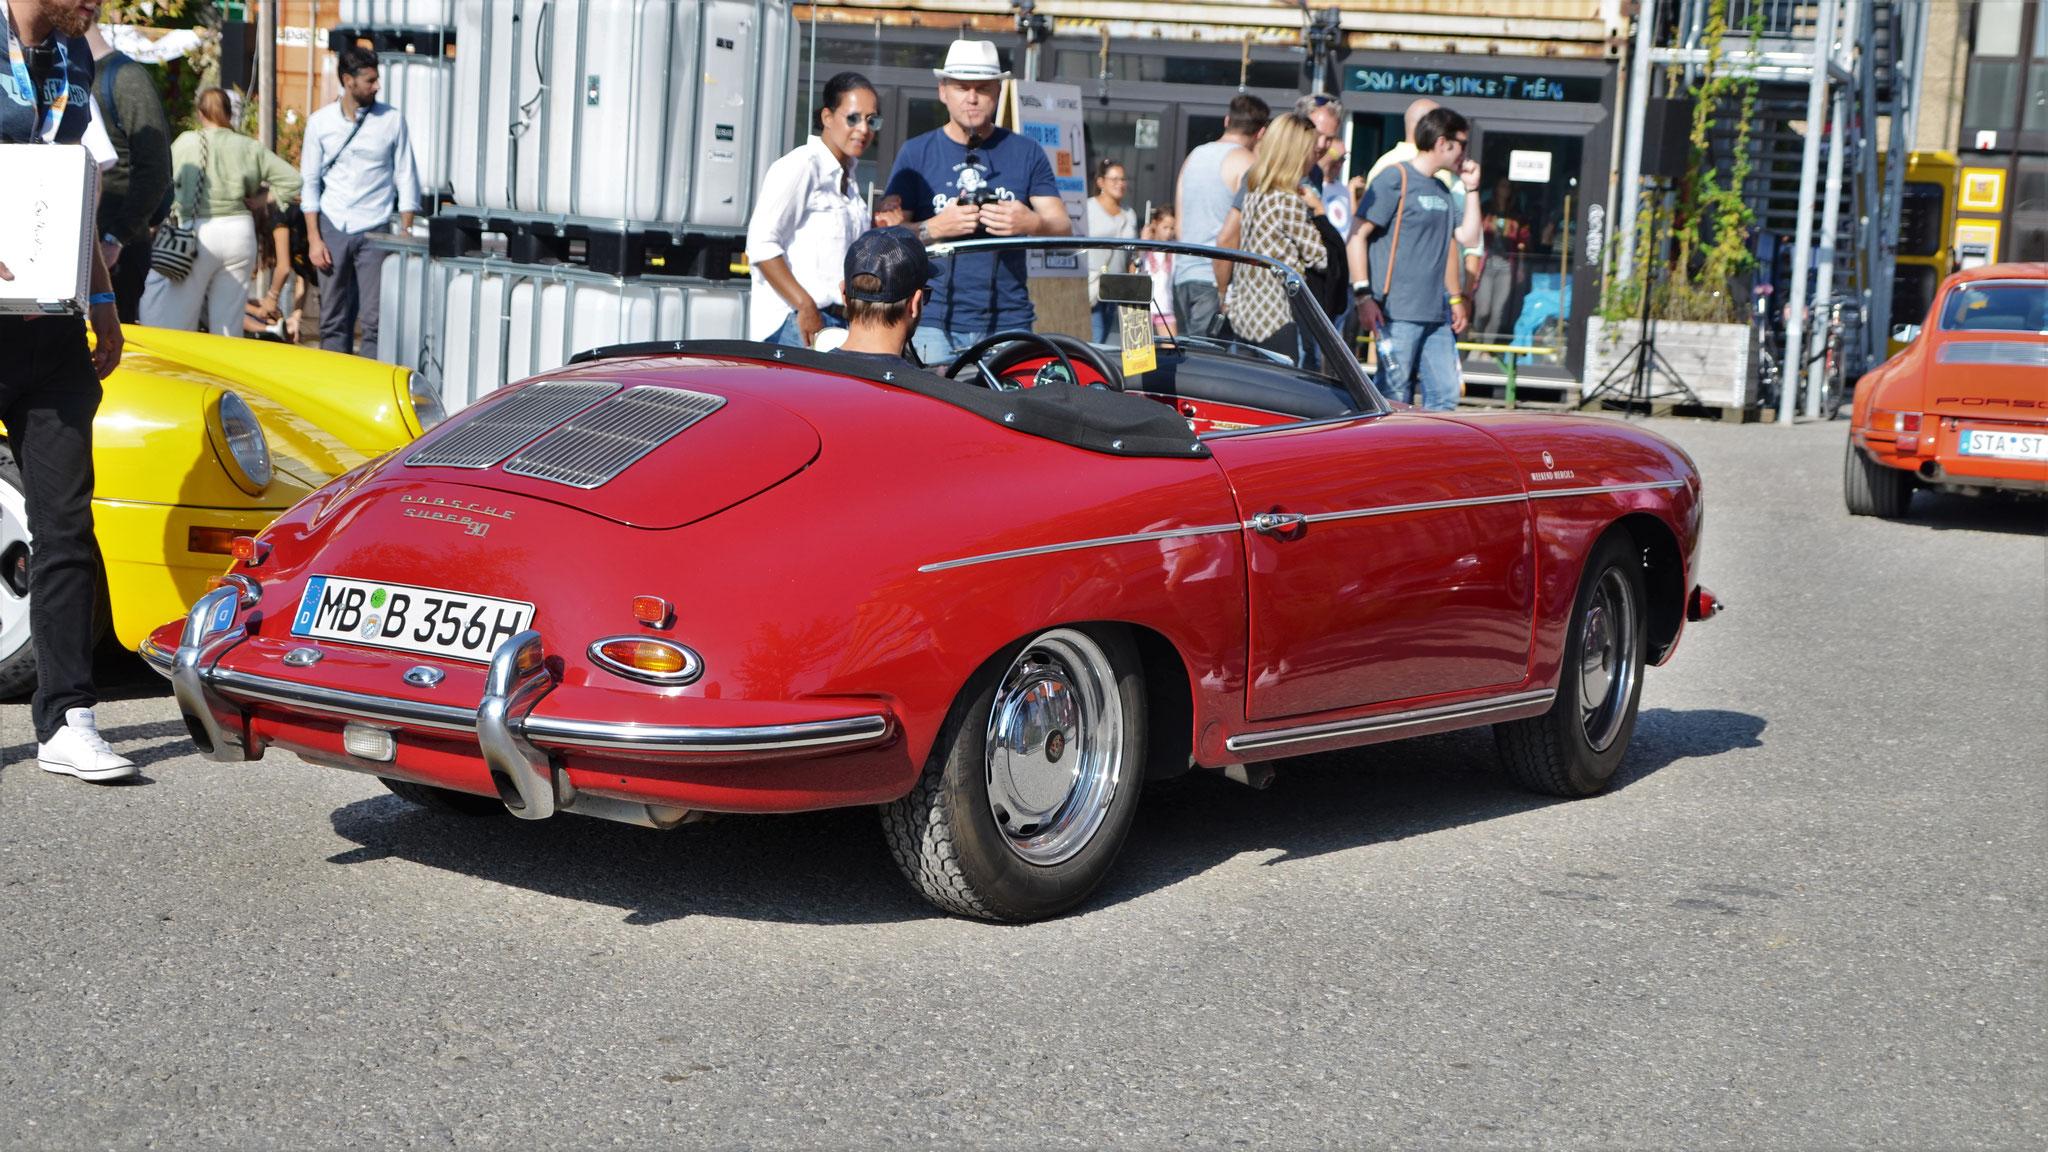 Porsche 356 Super90 - MB-B-356H